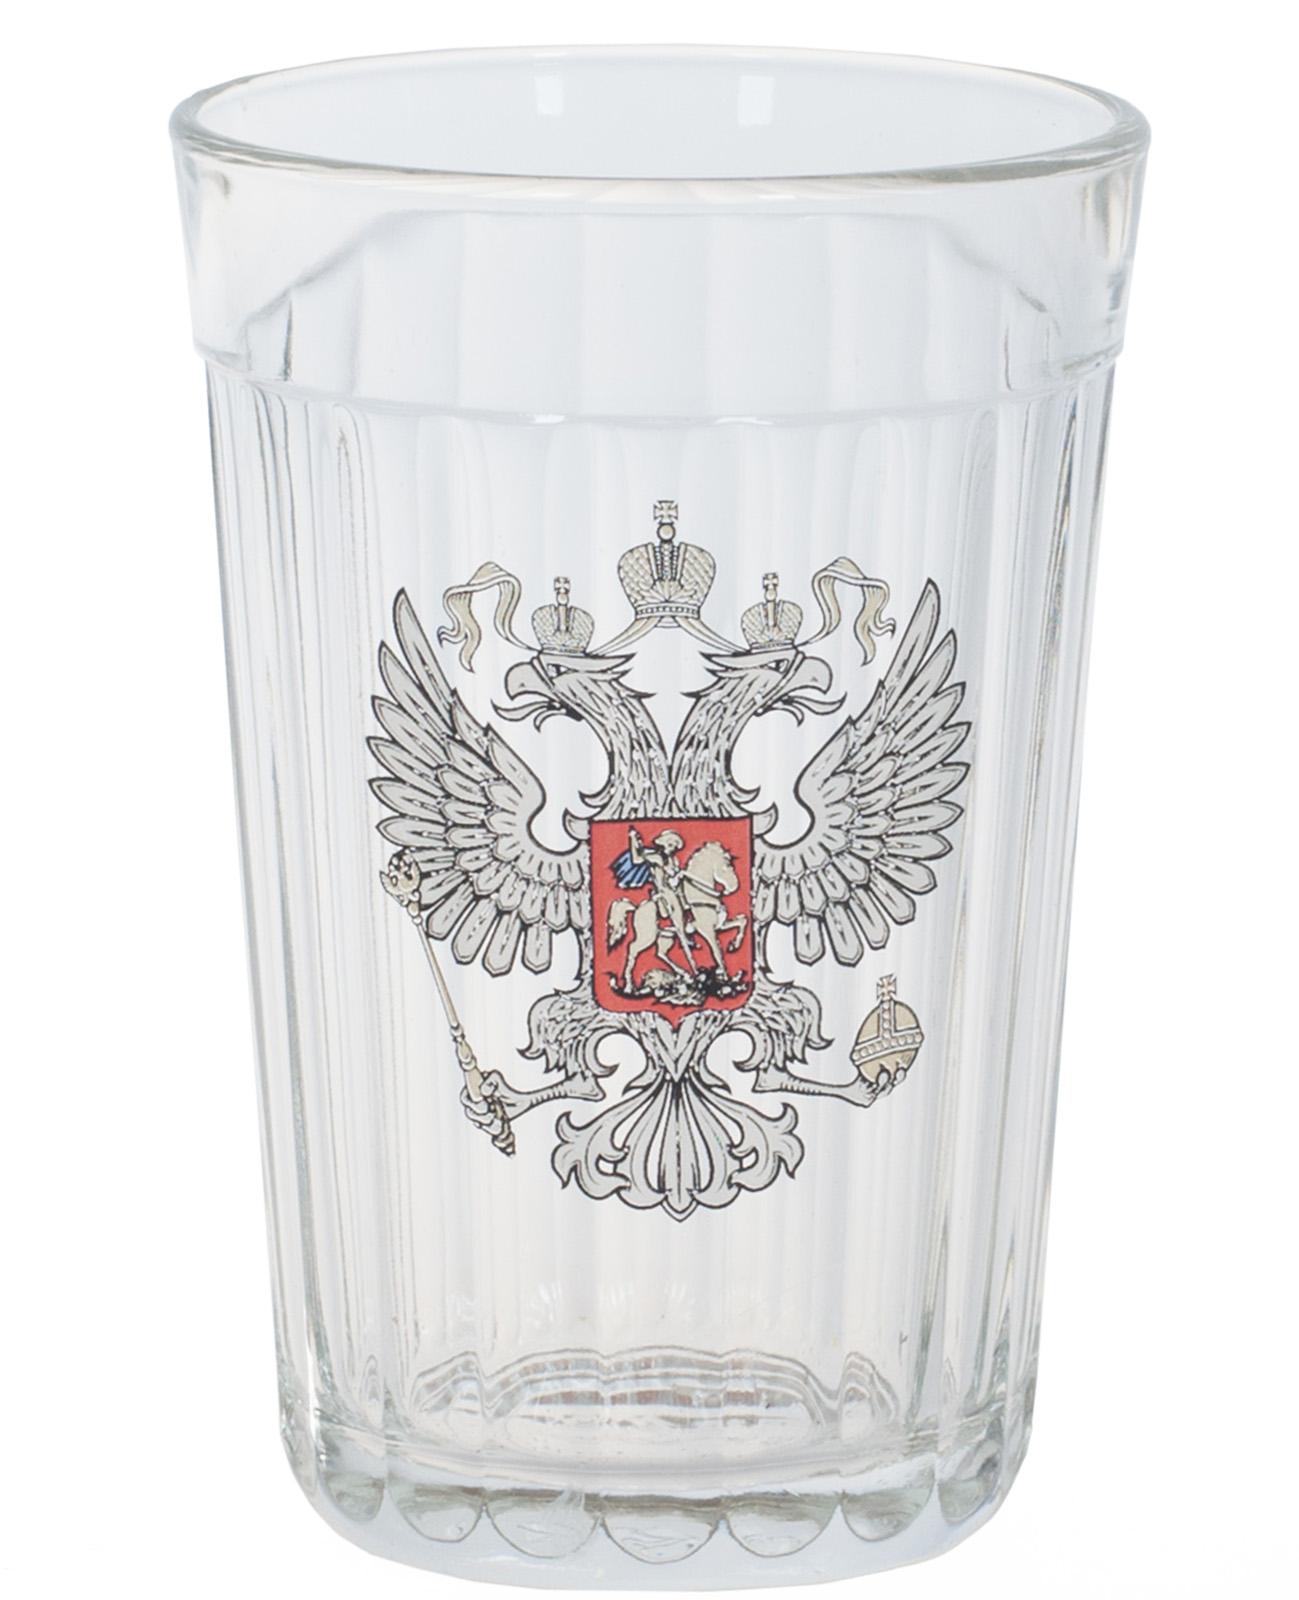 Недорого купить подарочный стакан с гербом России